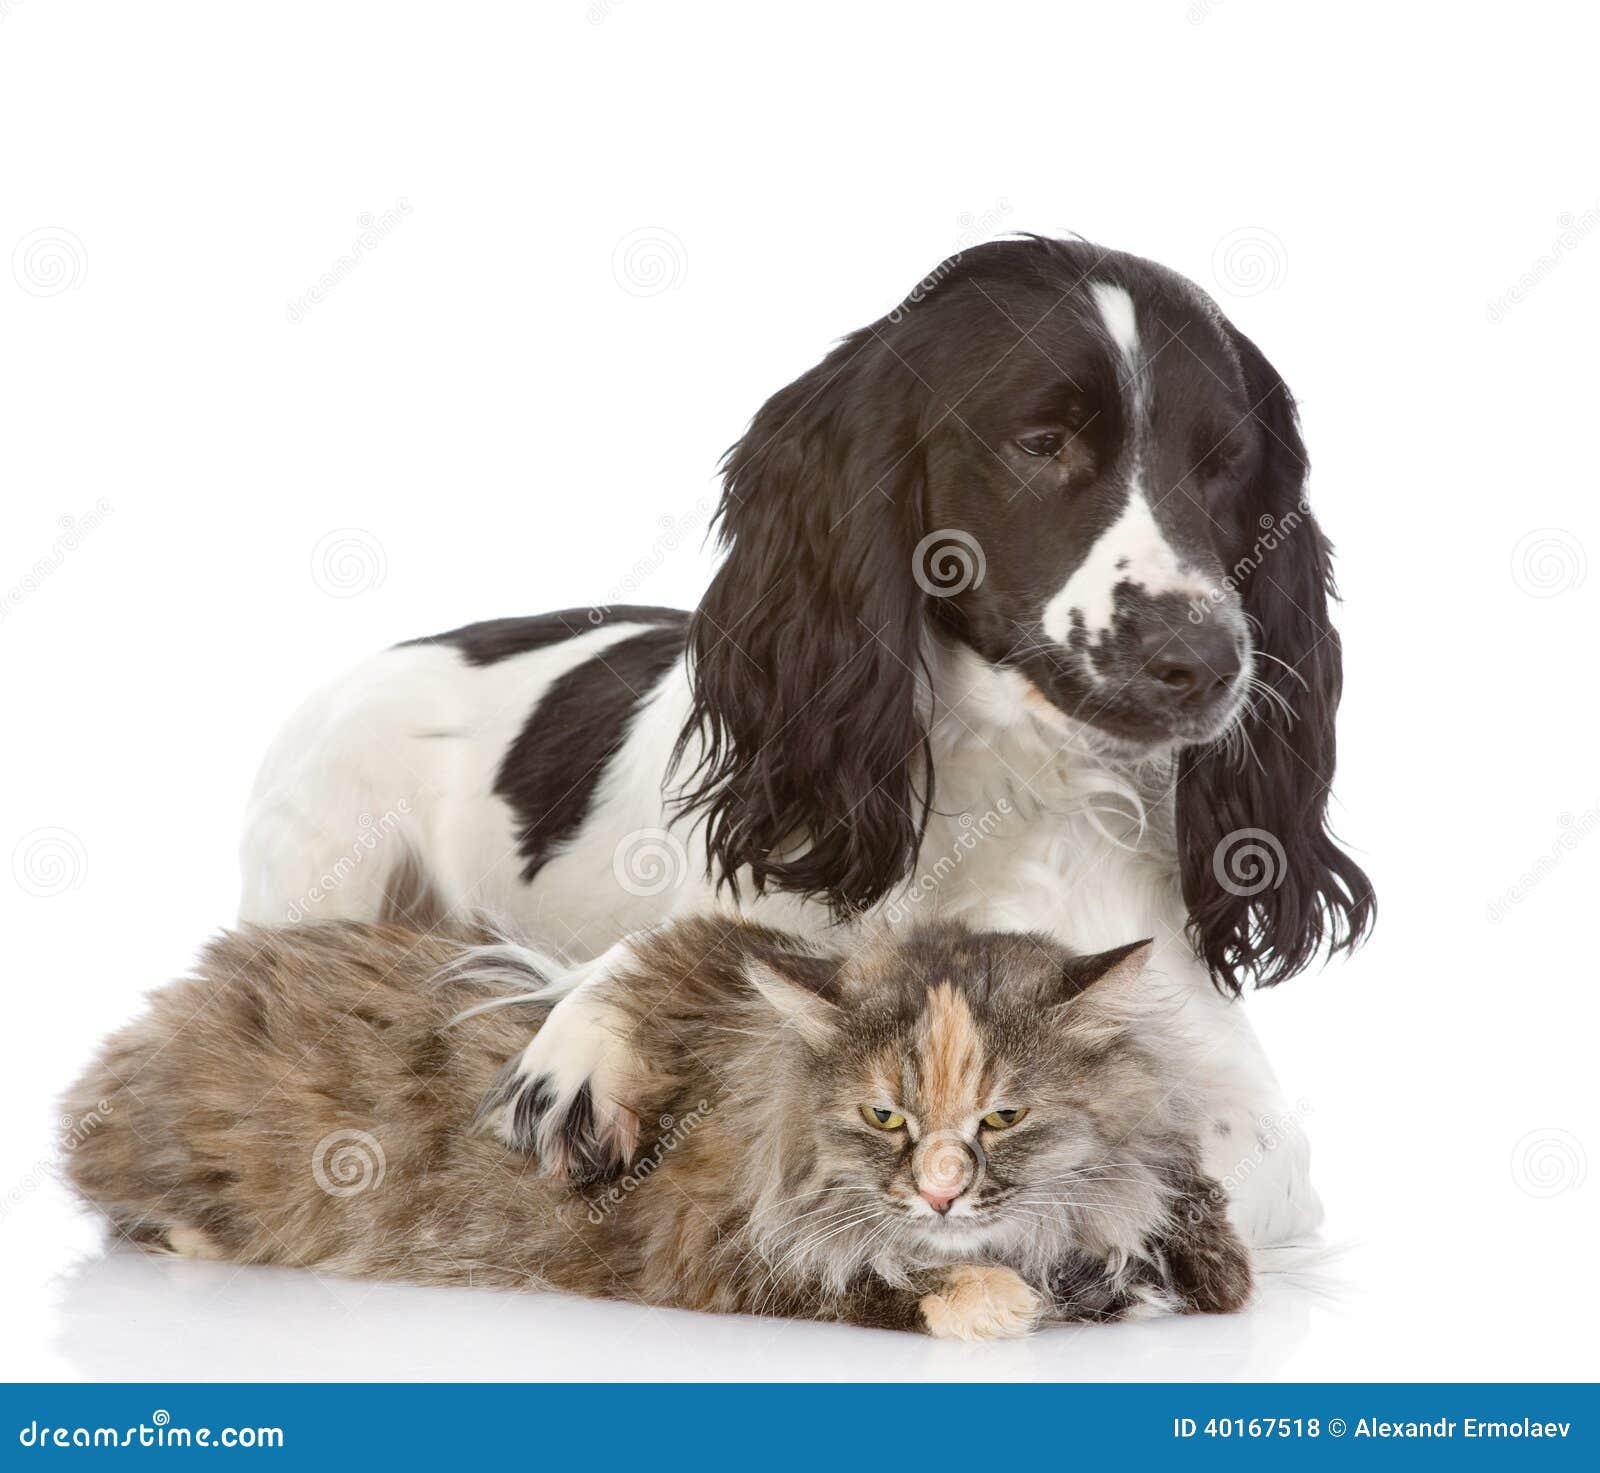 Englisch-Cocker spaniel-Hund umfasst eine Katze.